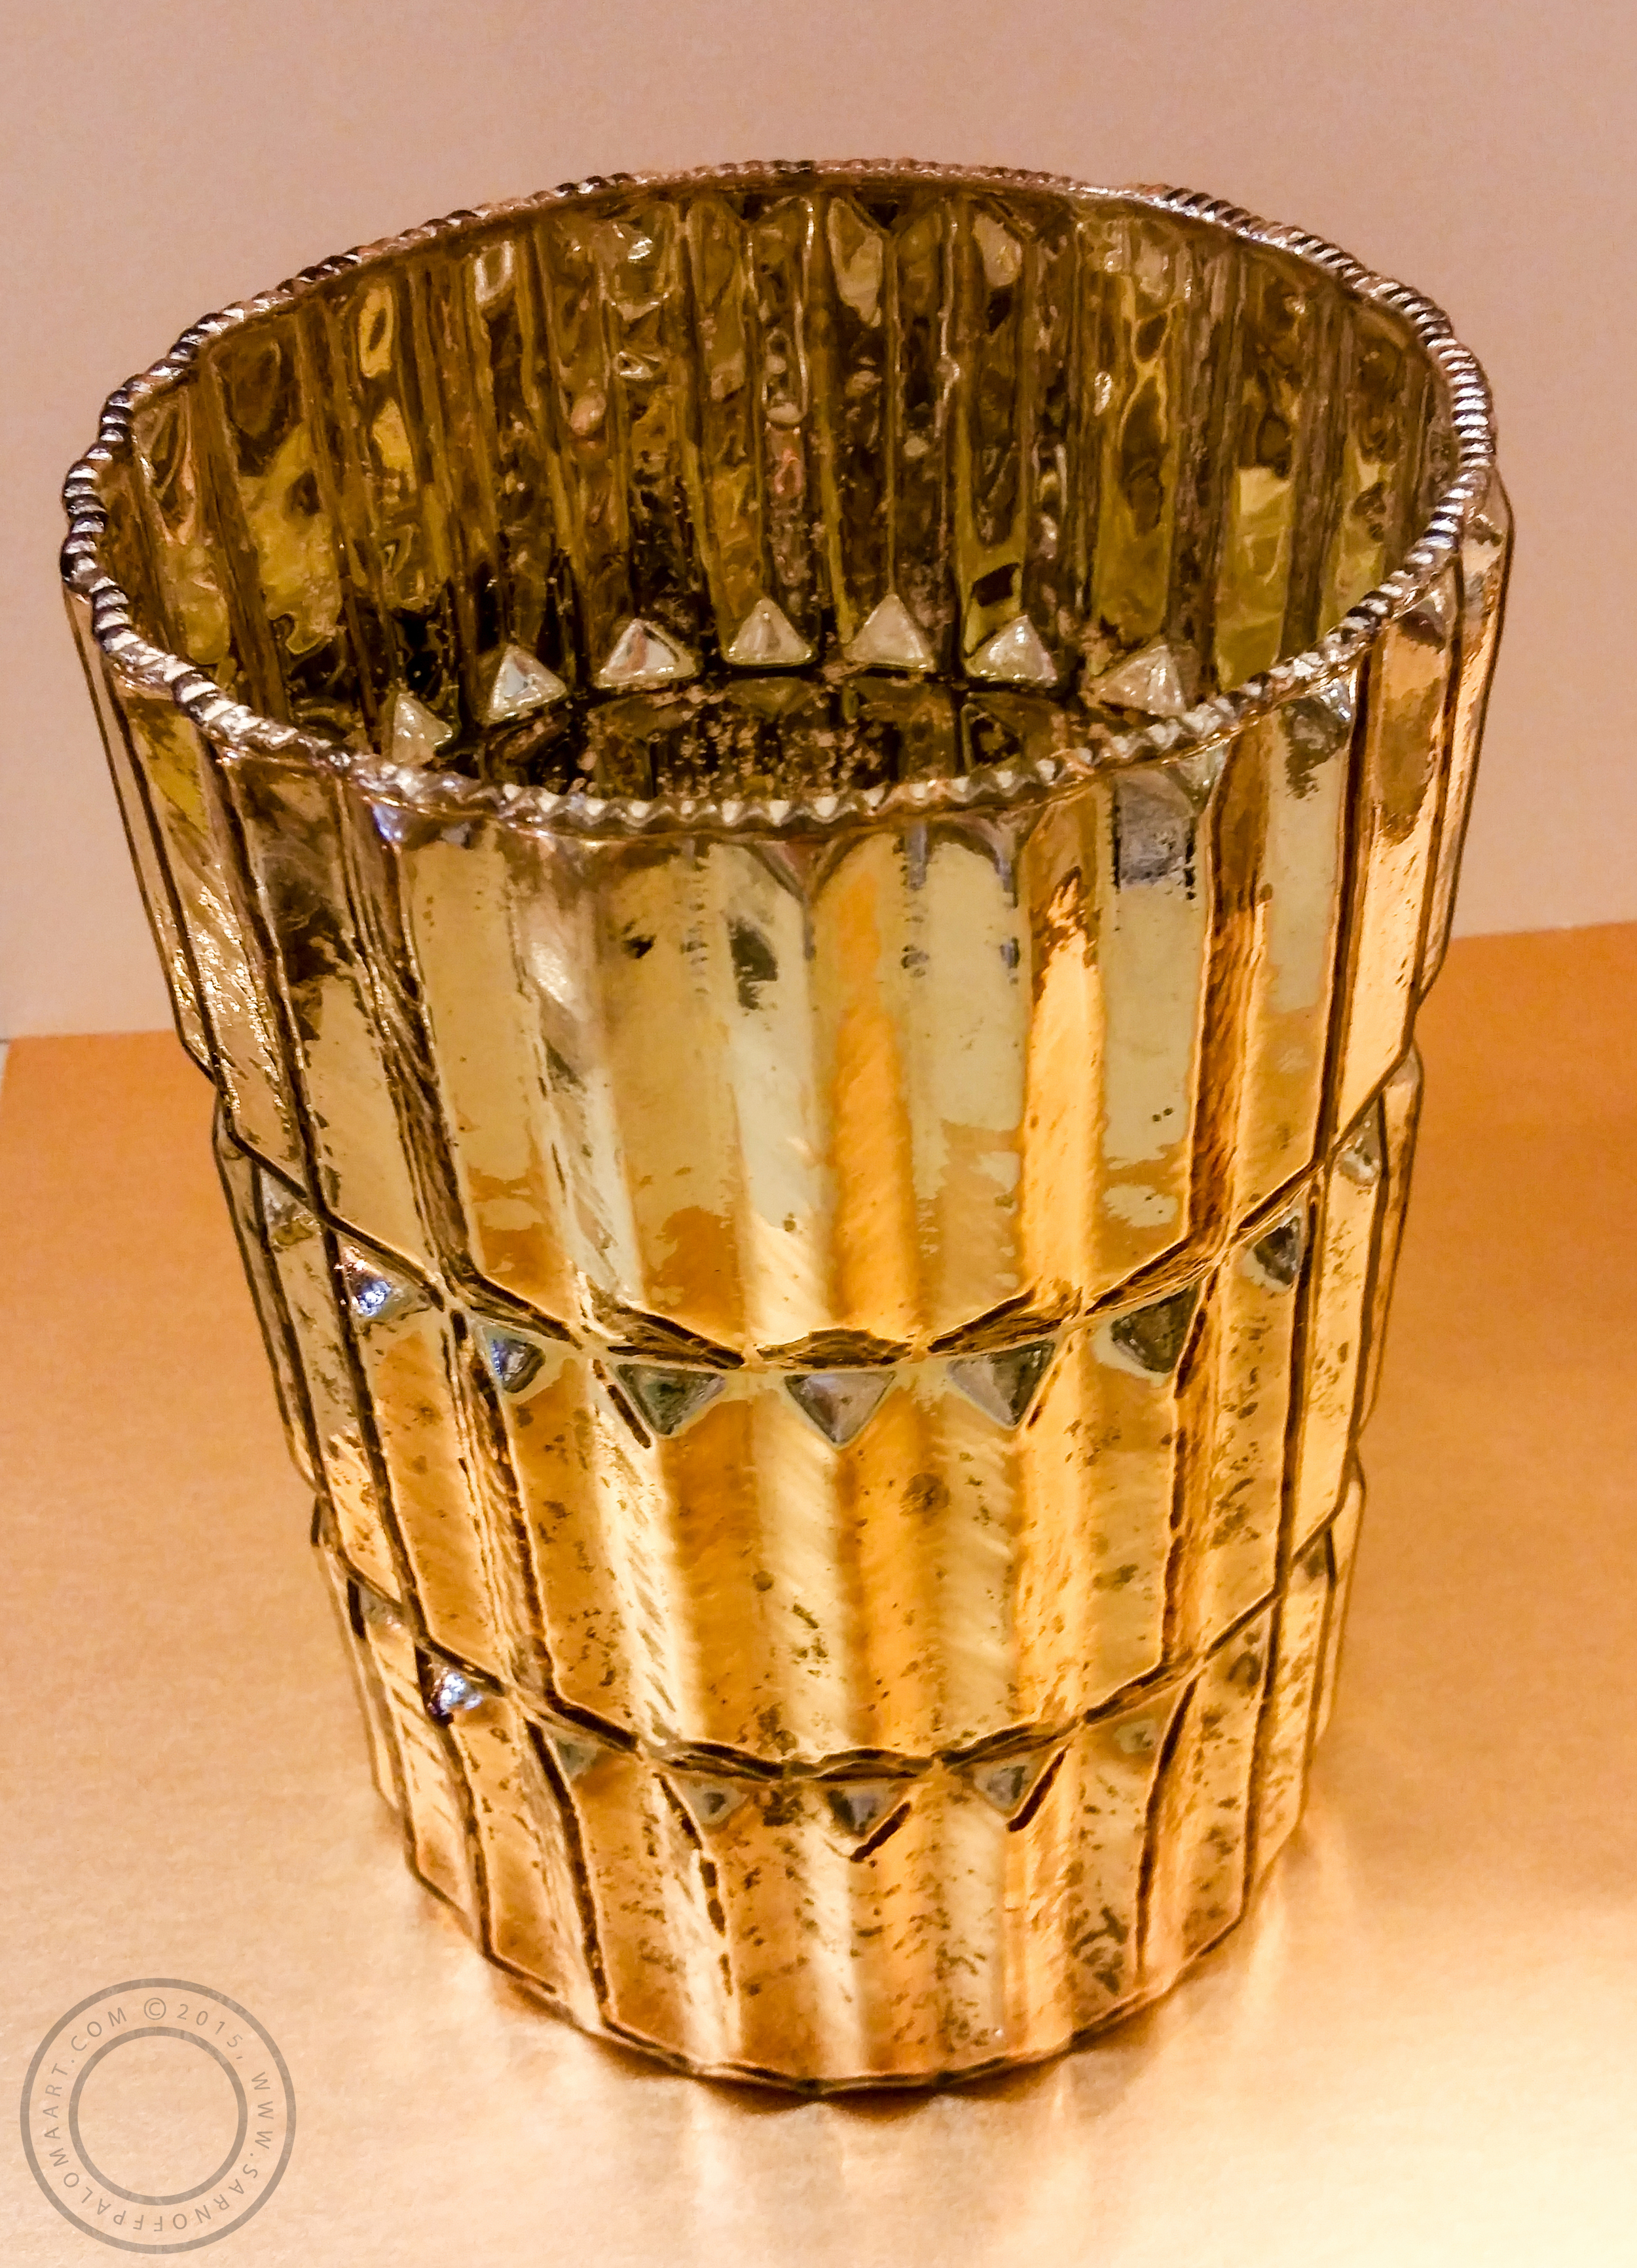 Golden wine chiller-$64